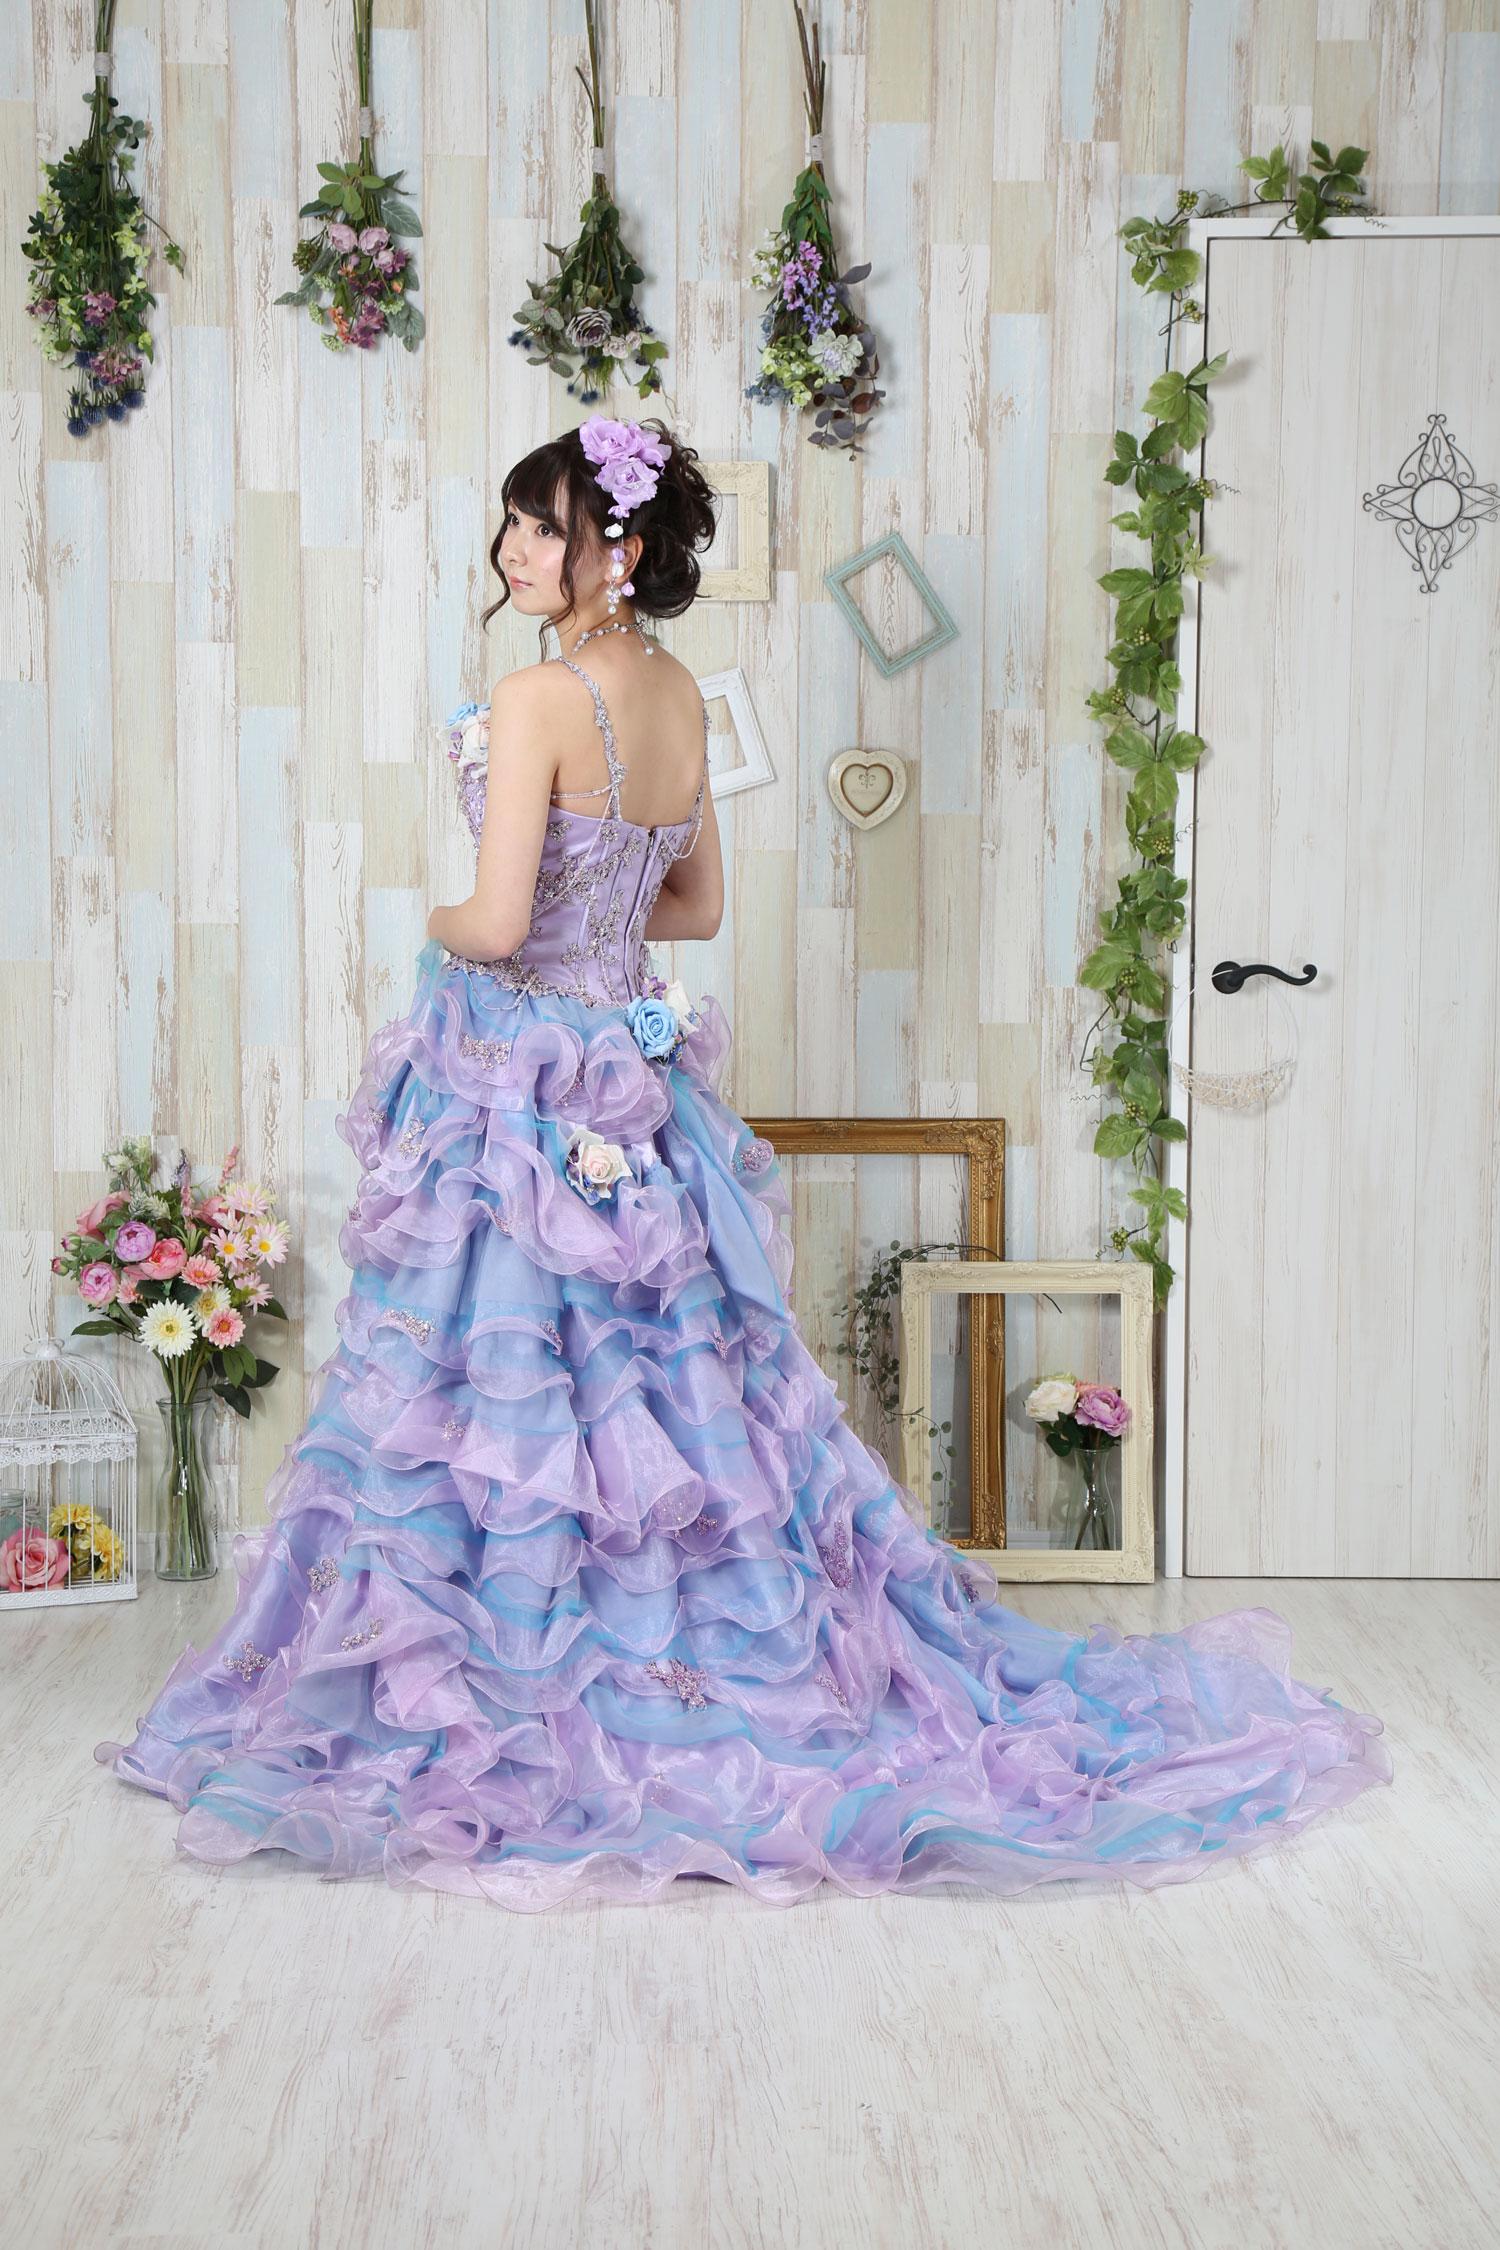 ★20180211-ドレス衣装撮影_210